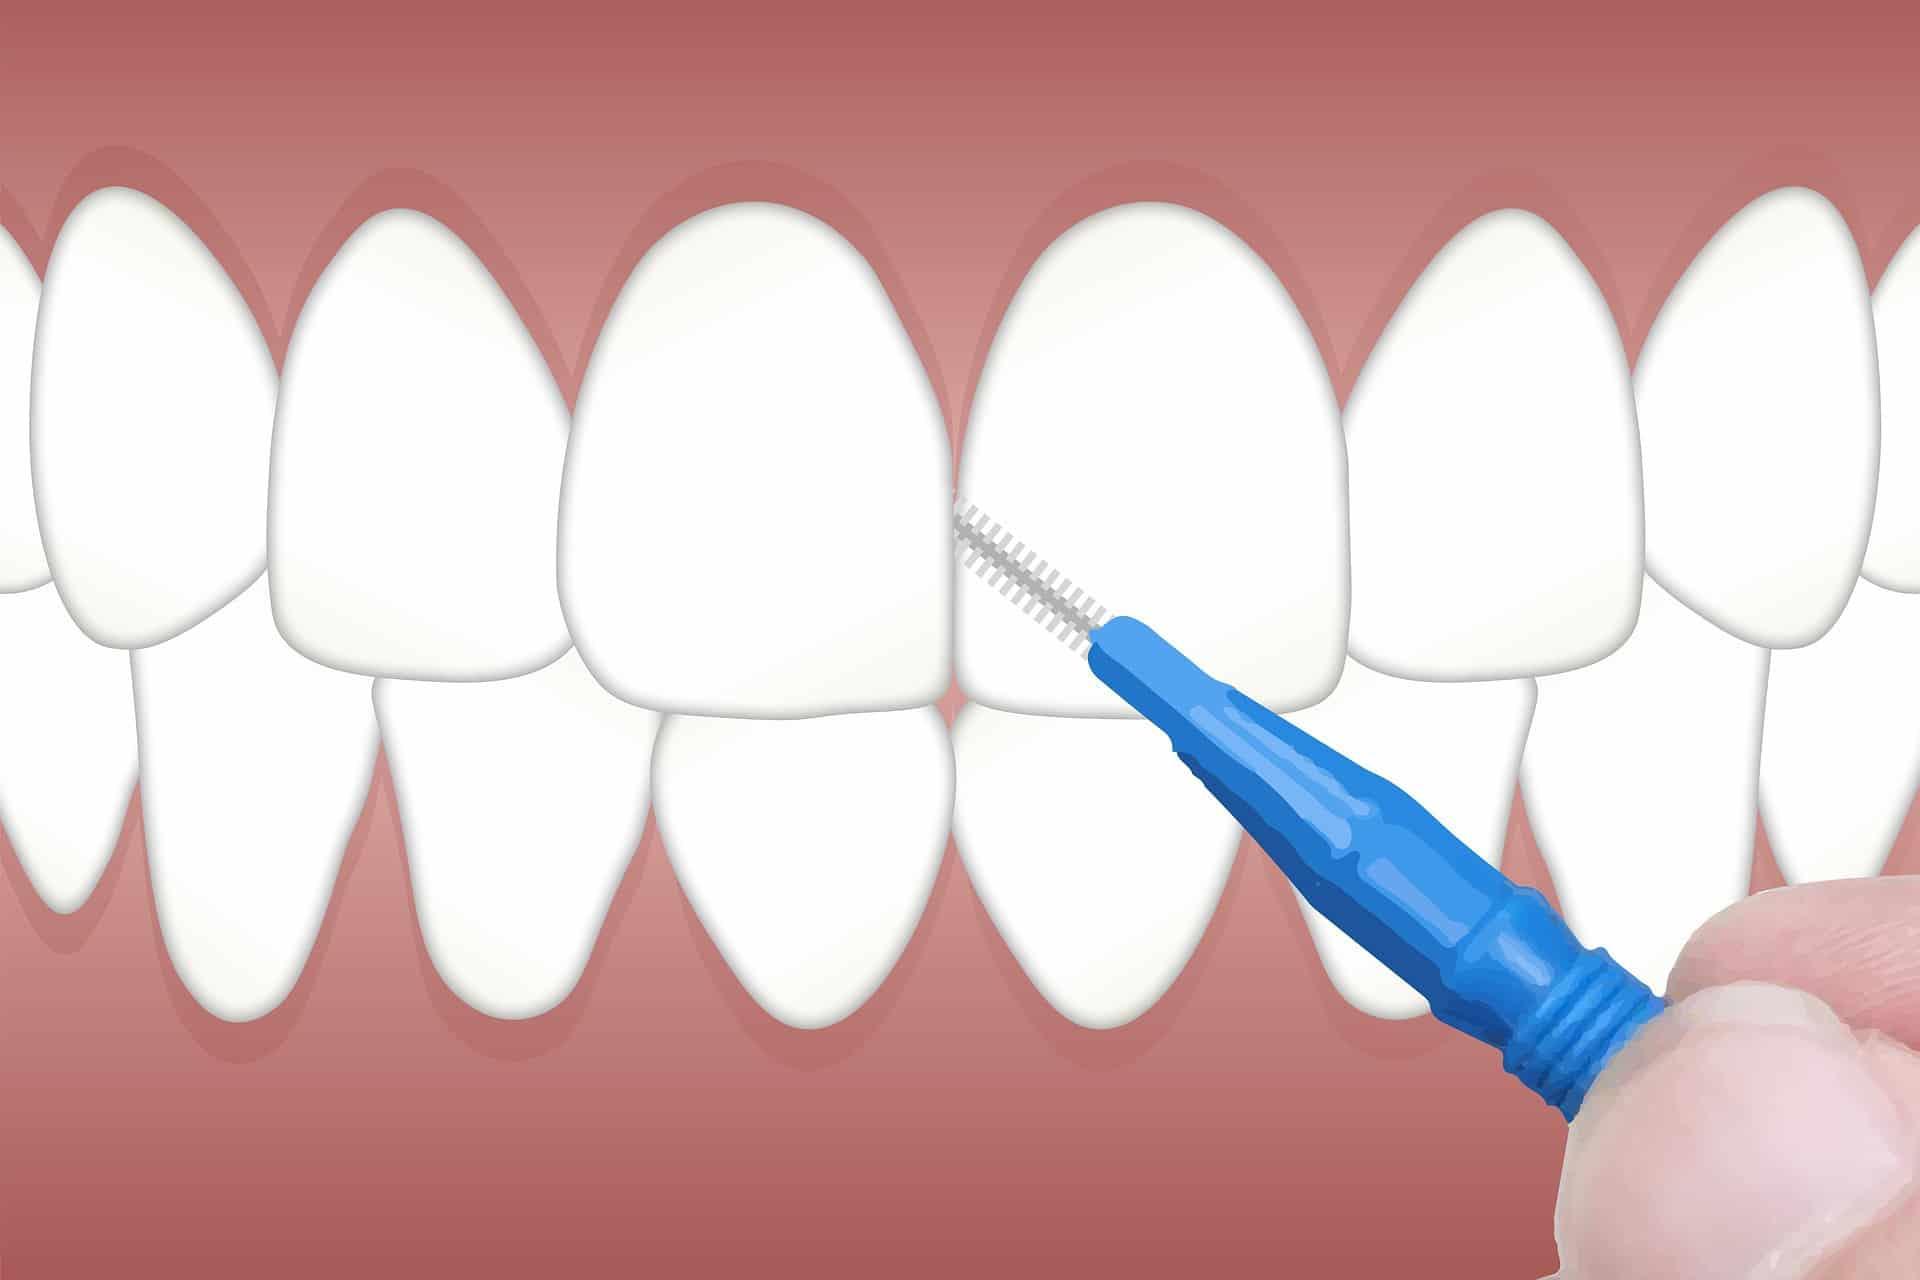 運用牙間刷可清潔刷牙容易忽略的死角(圖片來源:Pixabay)